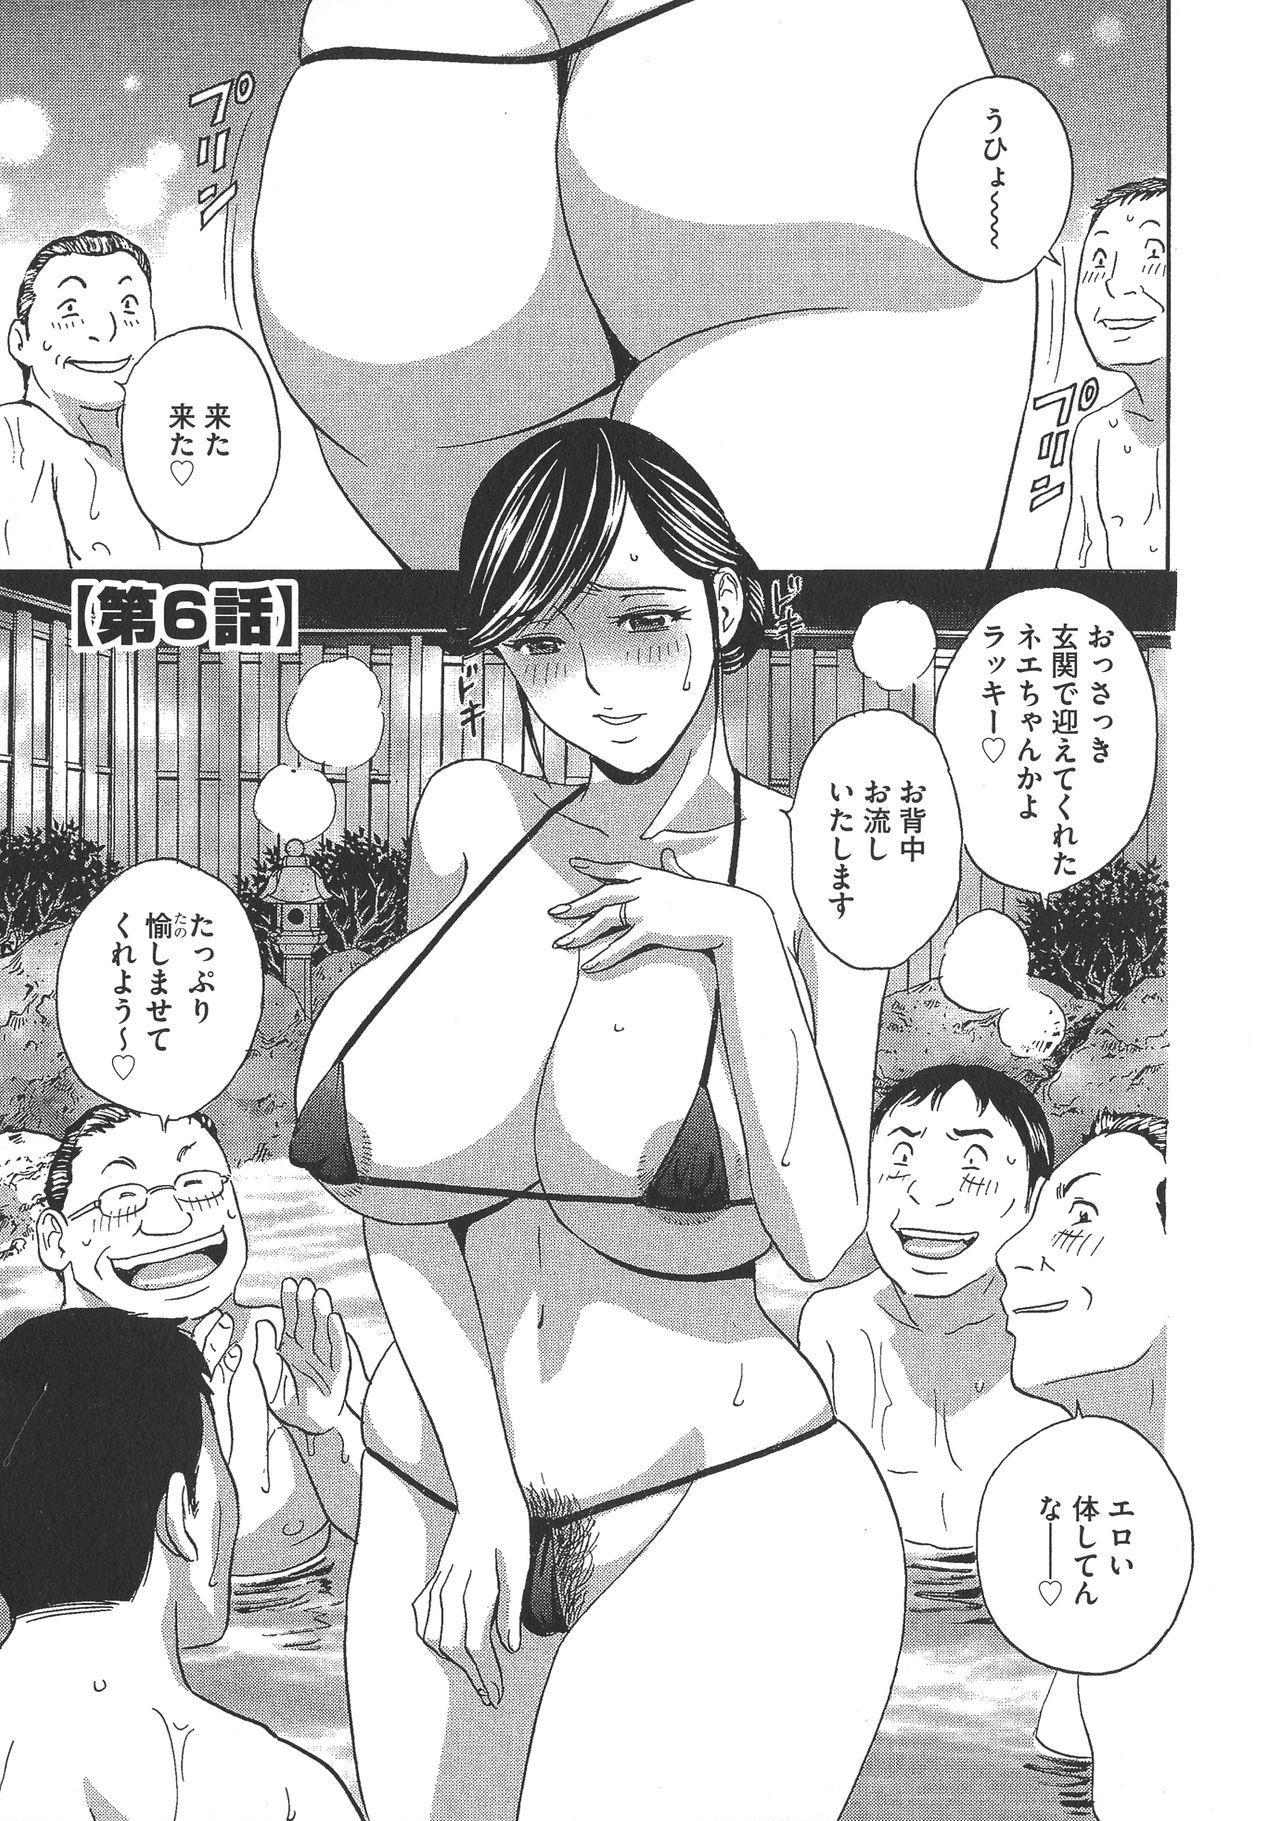 Chijoku ni Modaeru Haha no Chichi… 84